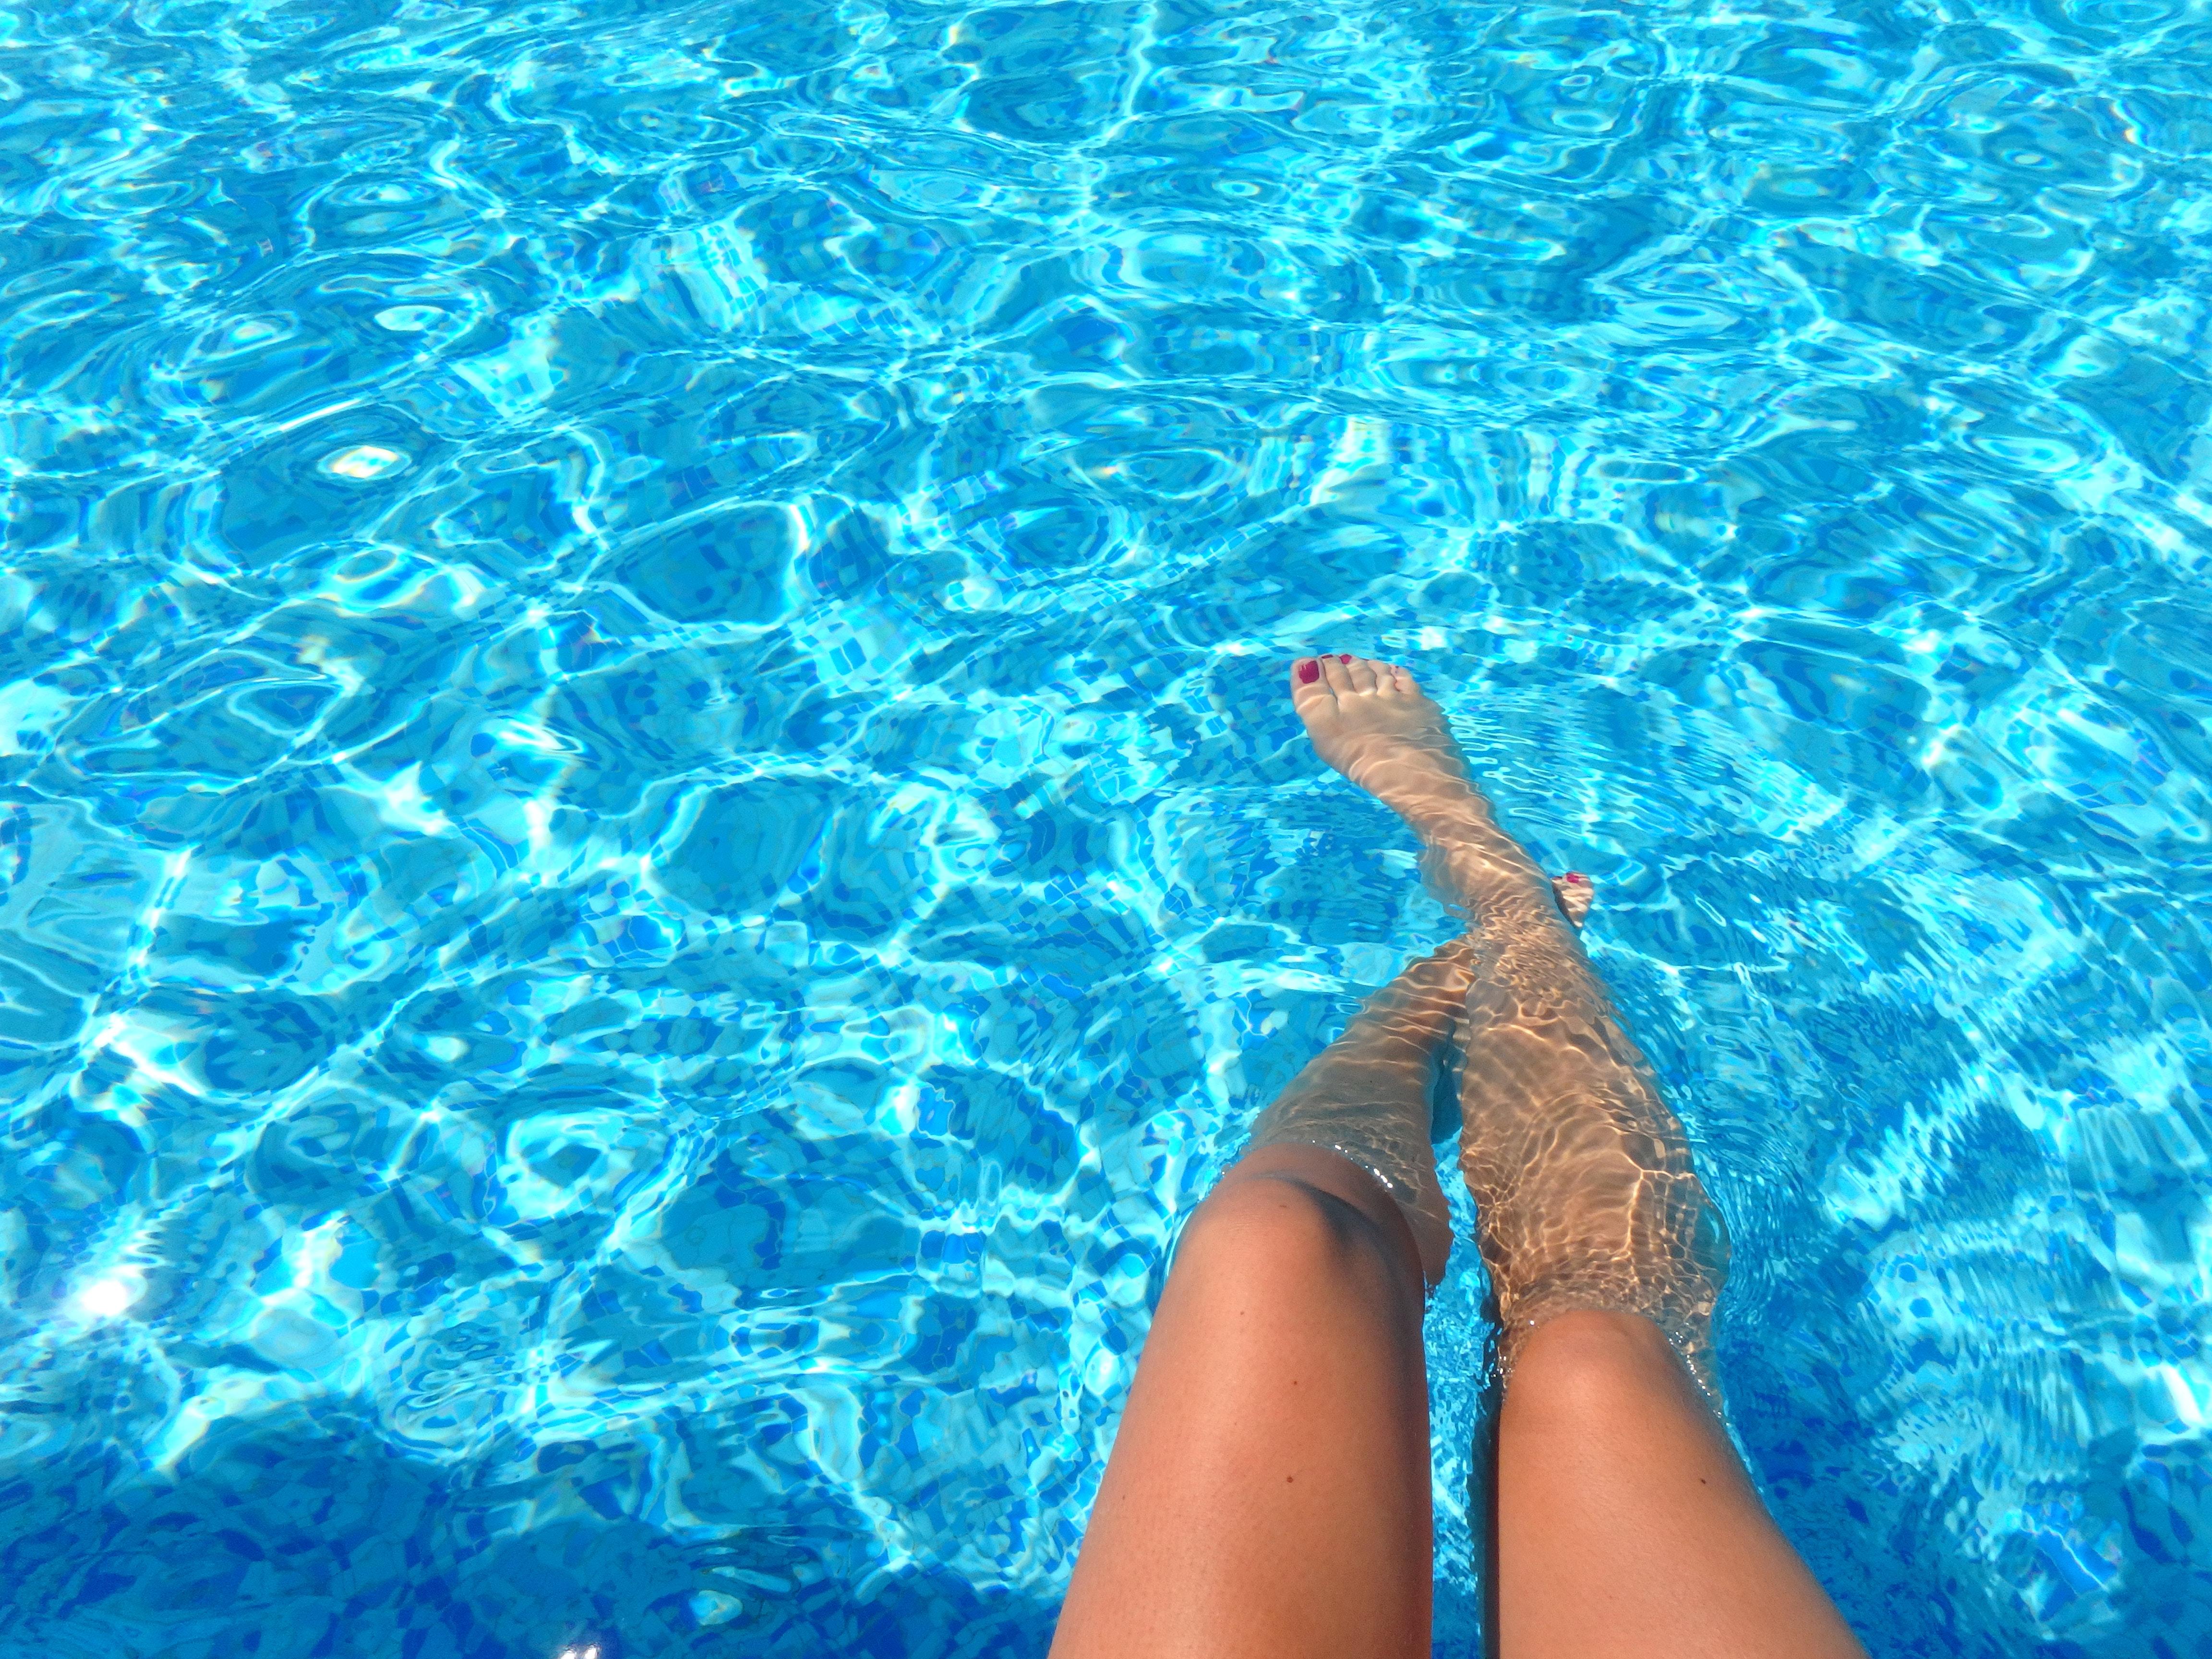 Feet in Swimming Pool